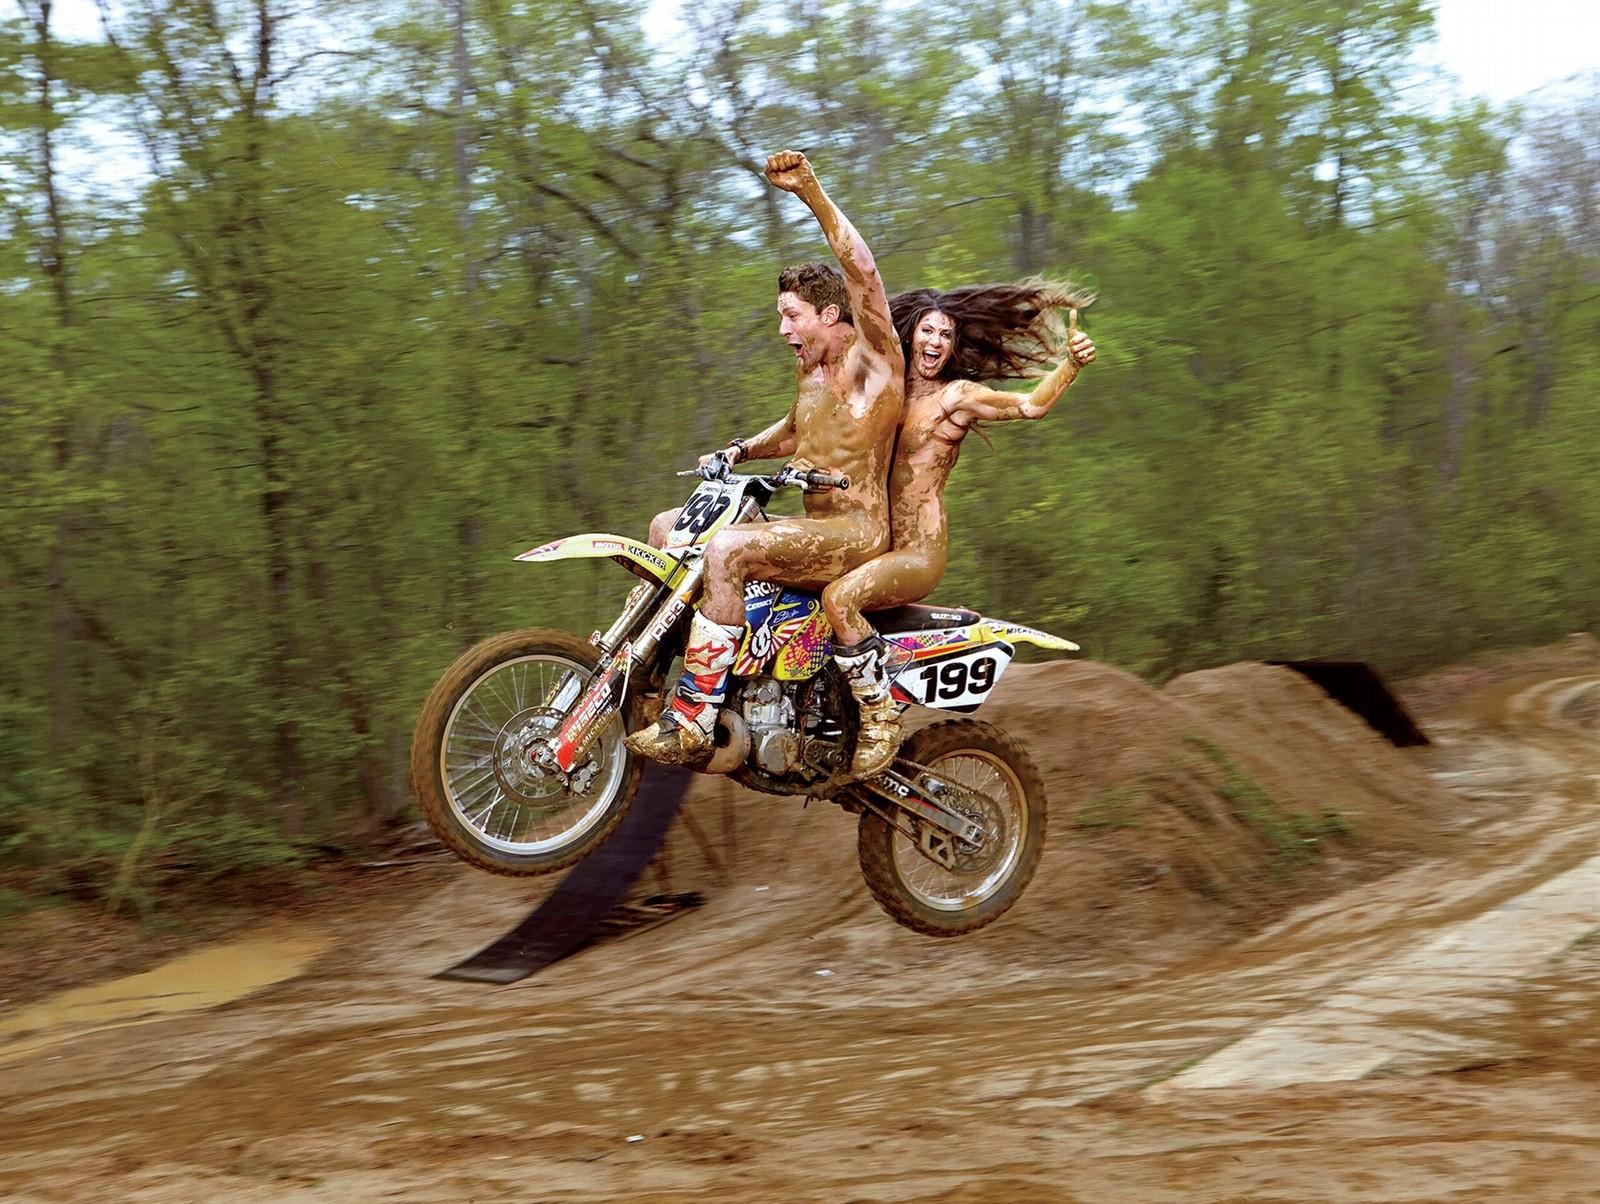 全裸 半裸 下着 バイク モーターサイクル エロ画像【26】